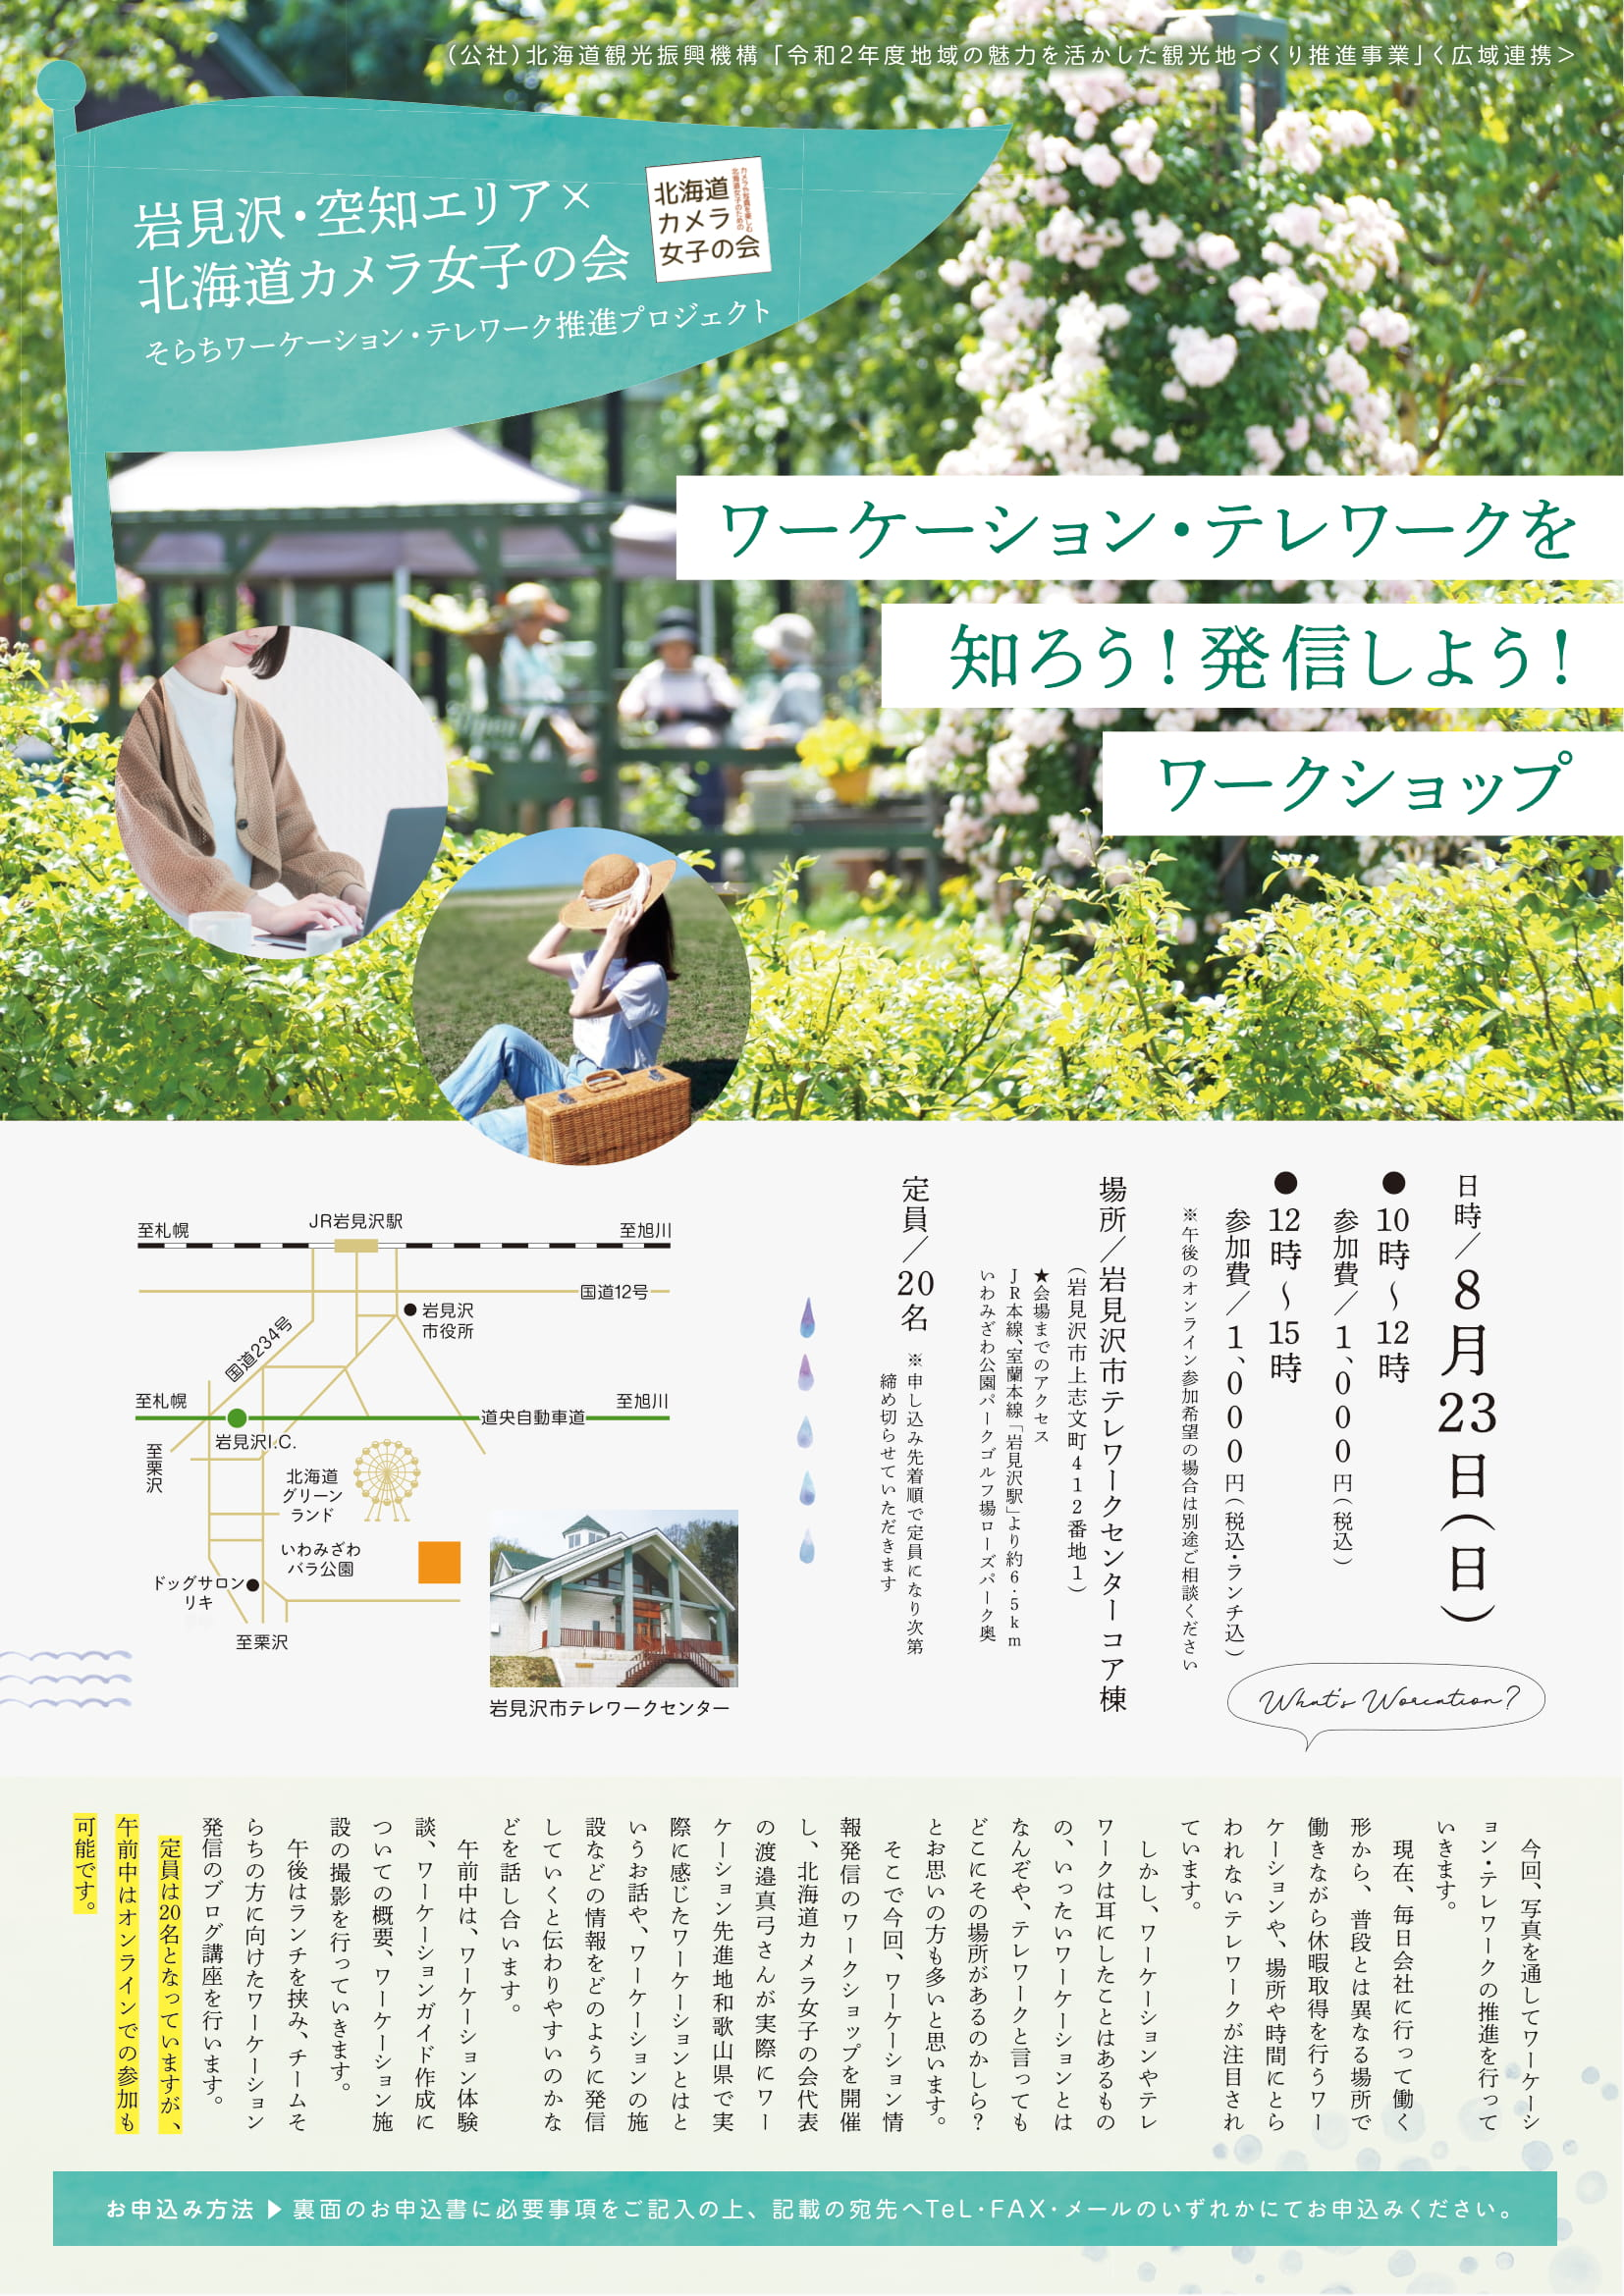 観光協会_2020_カメラ女子_ワーケーションセミナー_表_ol-1